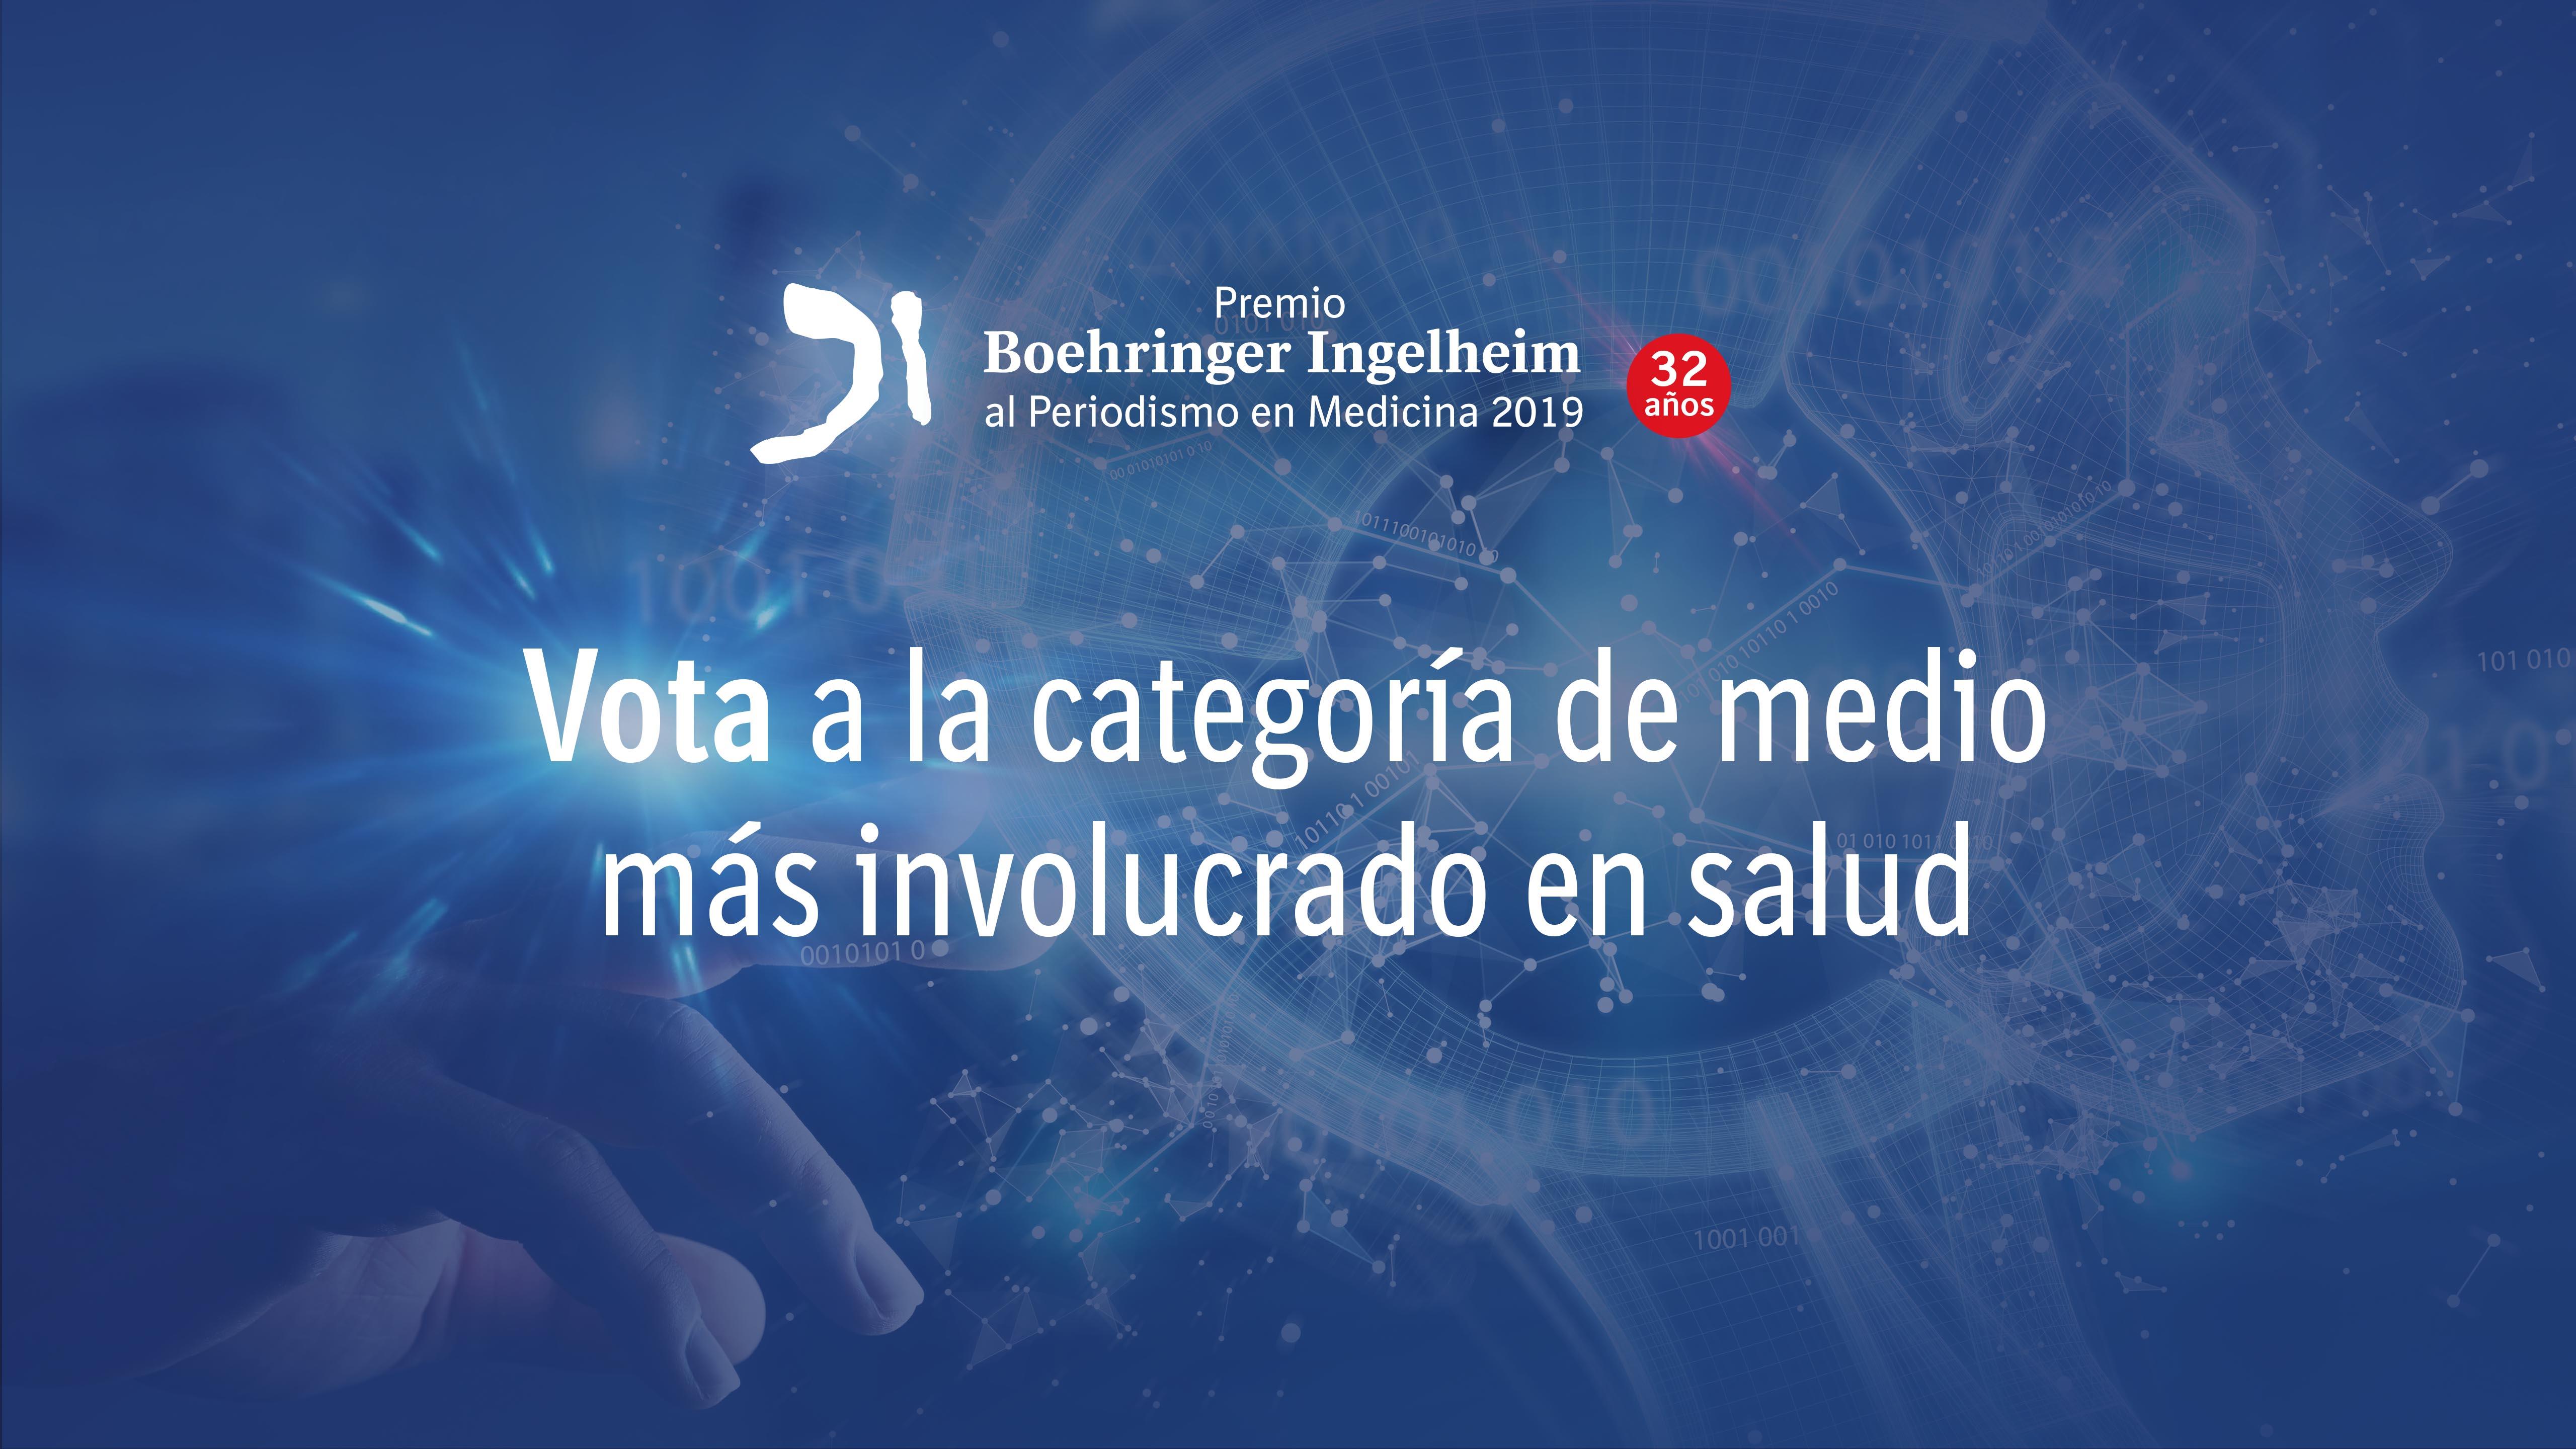 Finalista al Premio especial Boehringer Ingelheim 2019 al Medio más involucrado en comunicación de salud